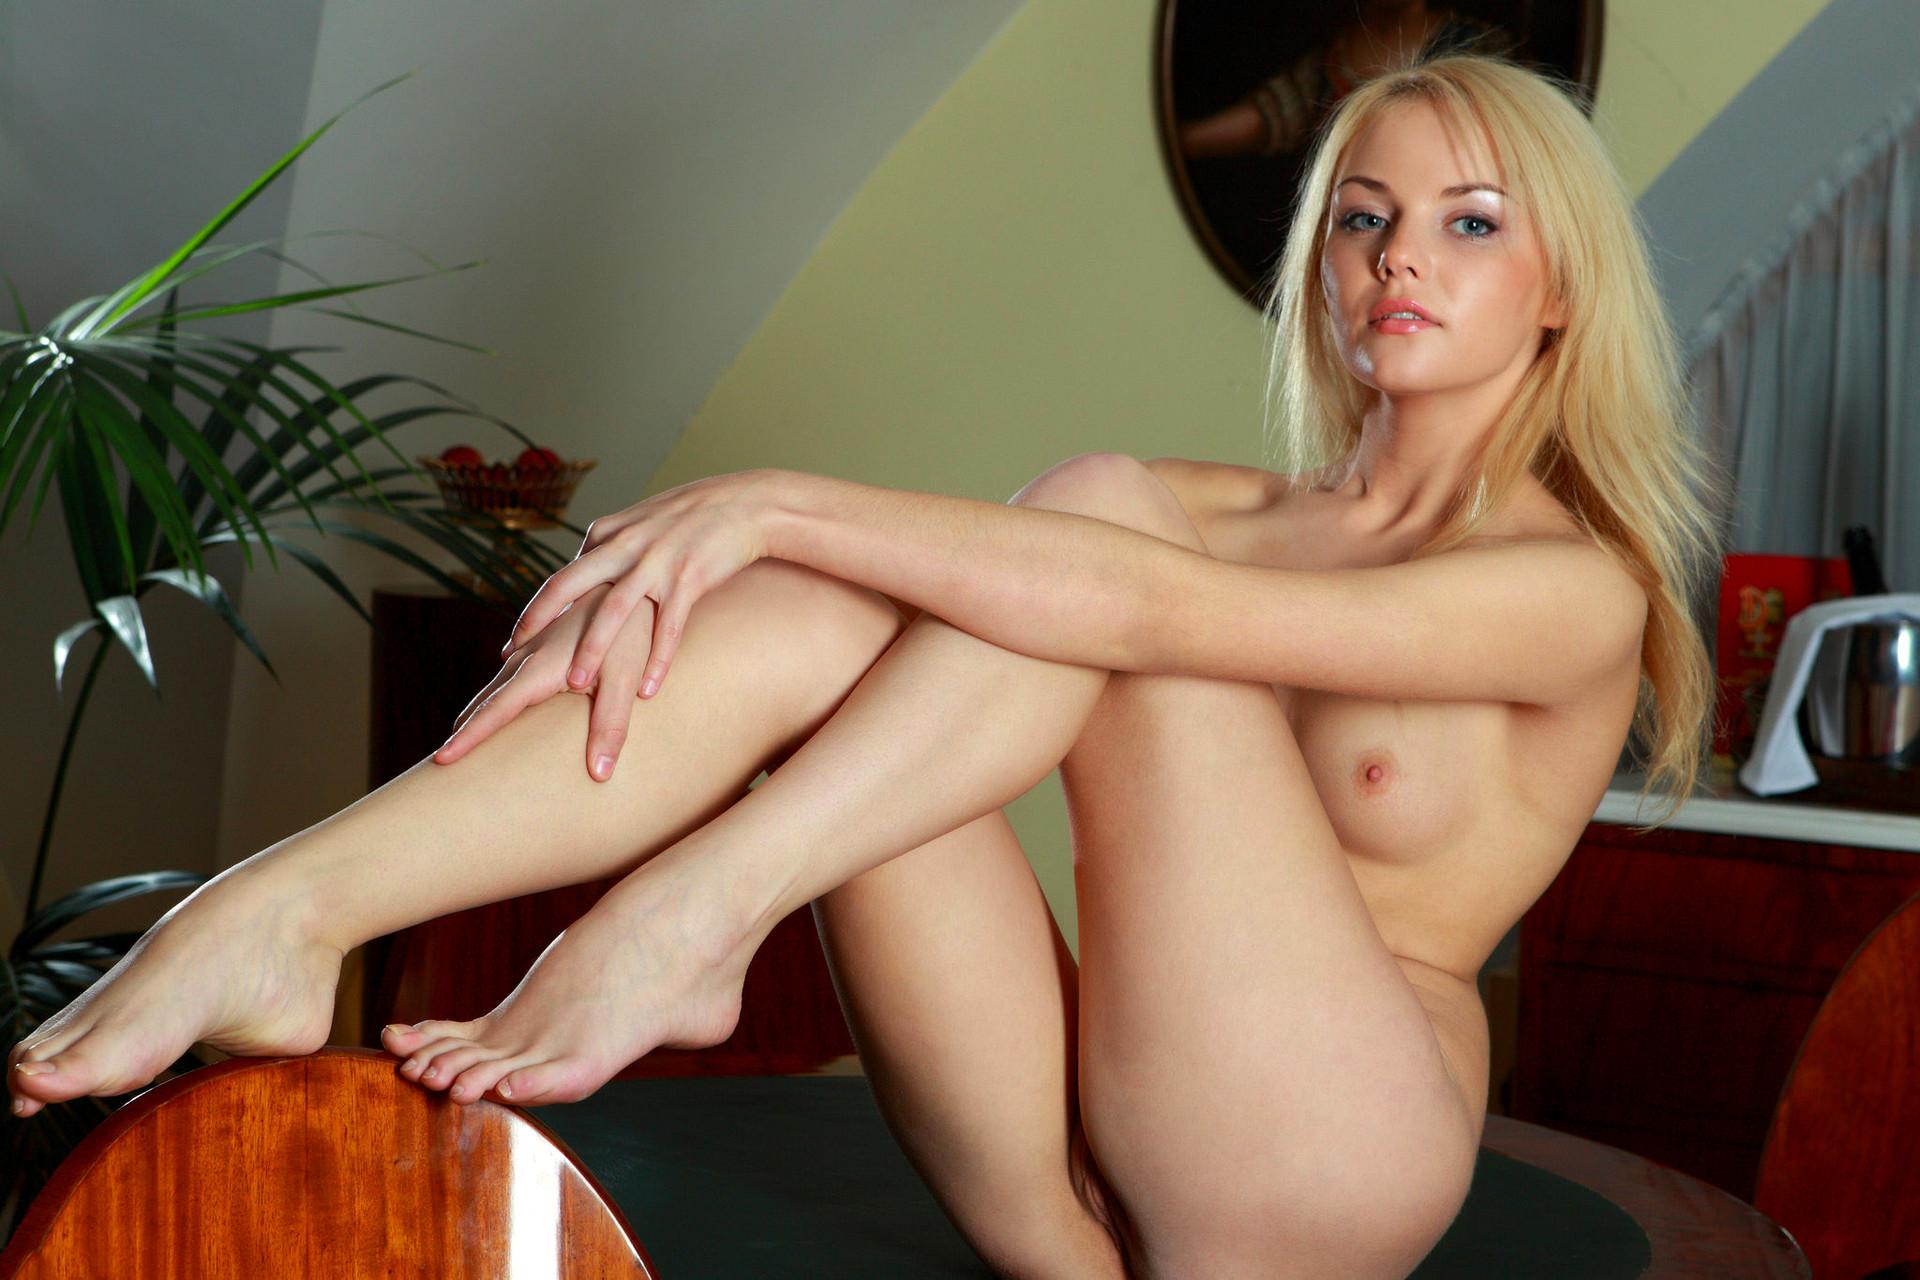 Эротика с студенткой, порно игры на пк со знаменитостями порно